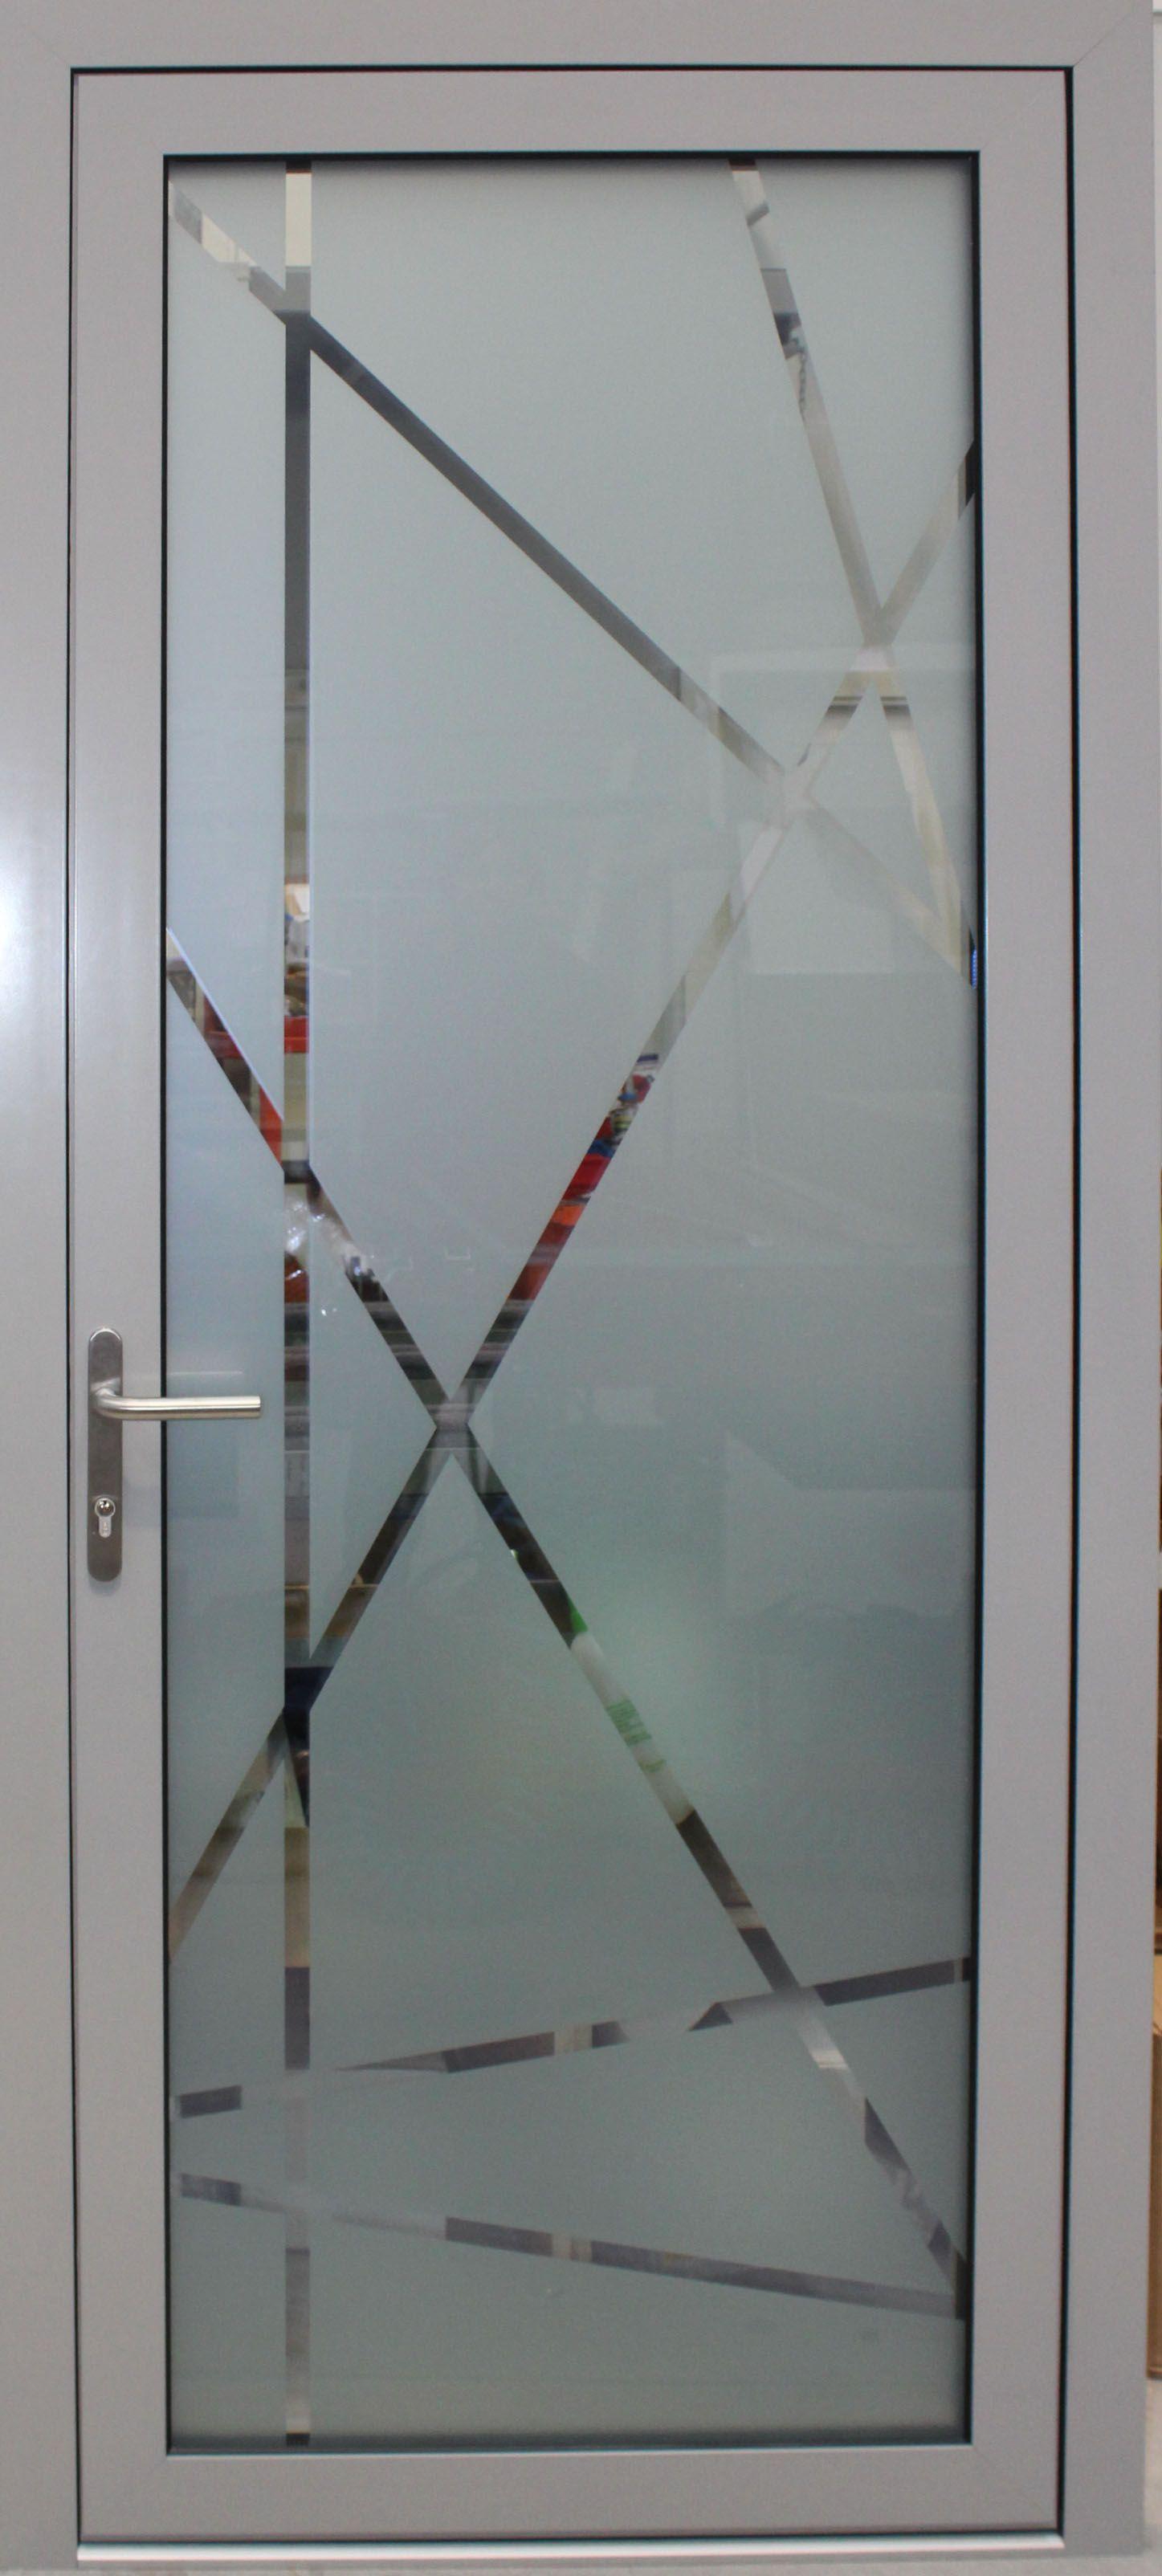 Puerta Completa De Vidrio Vidropanel De Indupanel Disponible En Doble Y Triple Acristalamiento Y Comp Ventanas De Vidrio Puertas De Vidrio Puertas De Aluminio